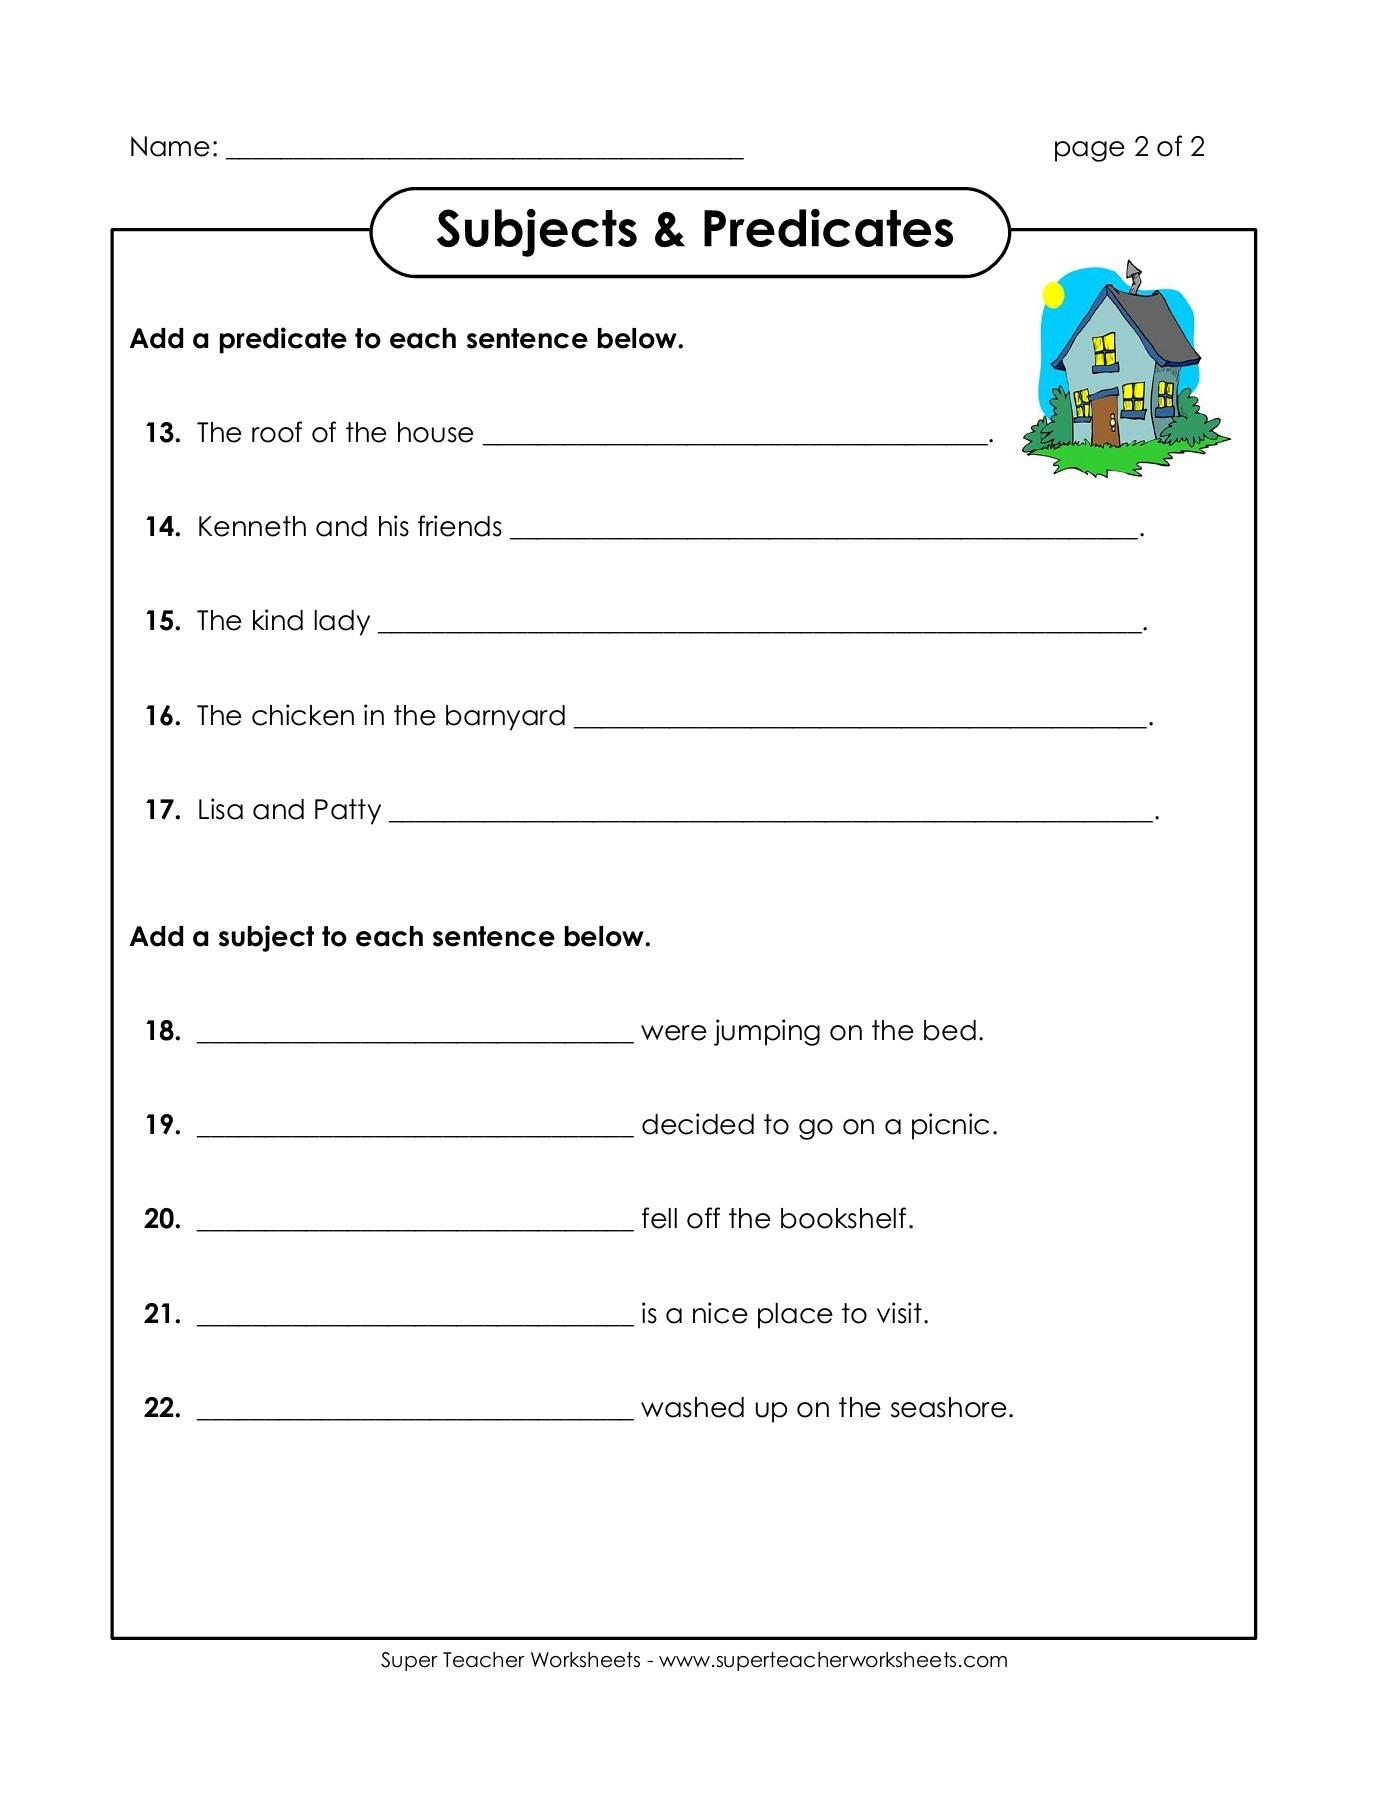 Super Teacher Worksheets Reading Comprehension